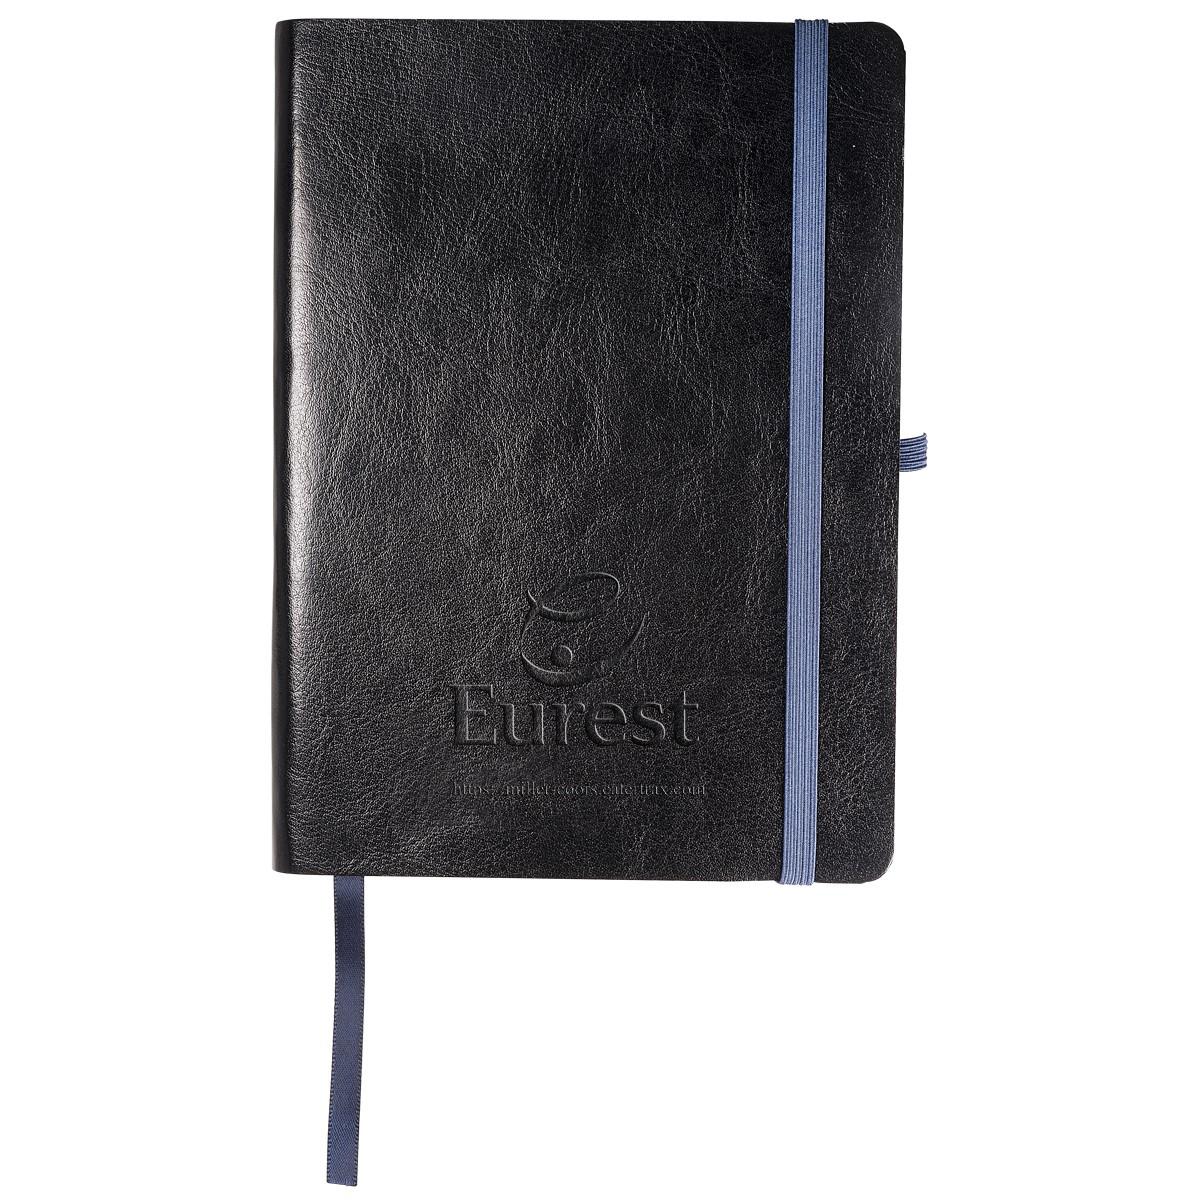 Venezia™ Journal